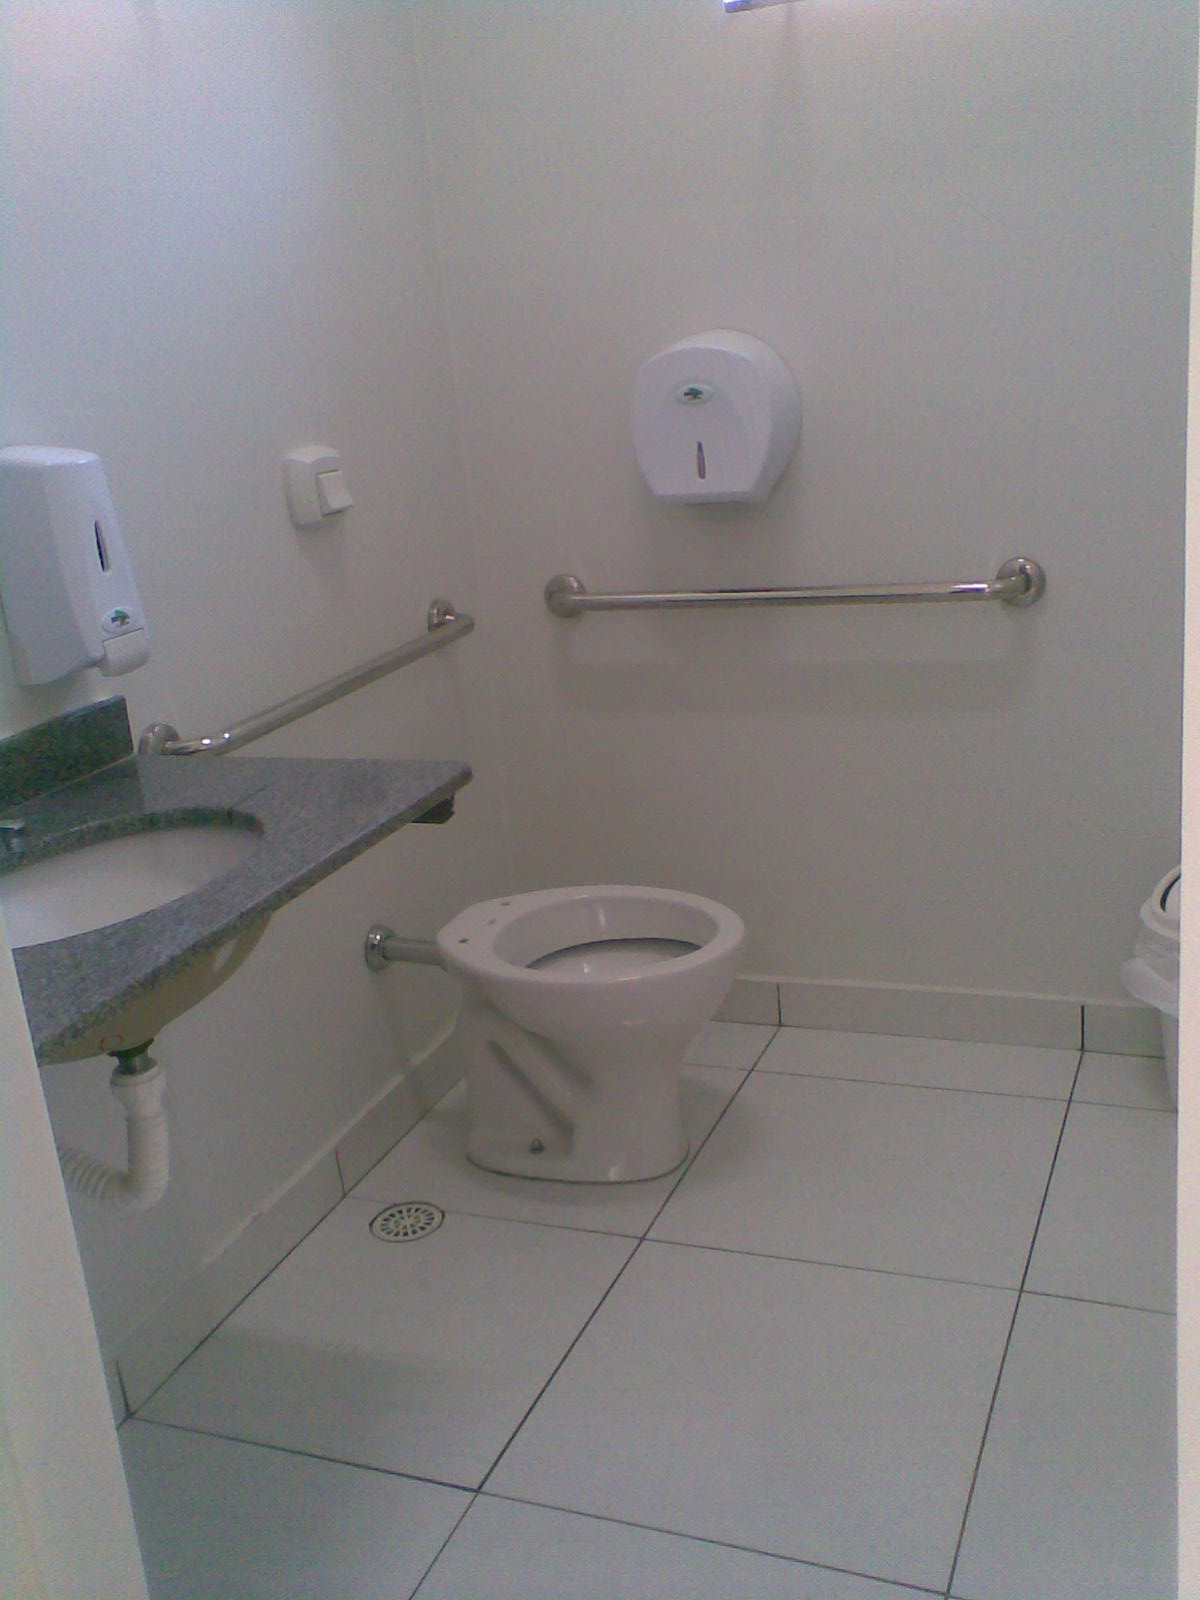 Imagens de #566075 Construir com Arte: Uma Clínica Veterinária com design. 1200x1600 px 3366 Bloco Cad Sinalização Banheiro